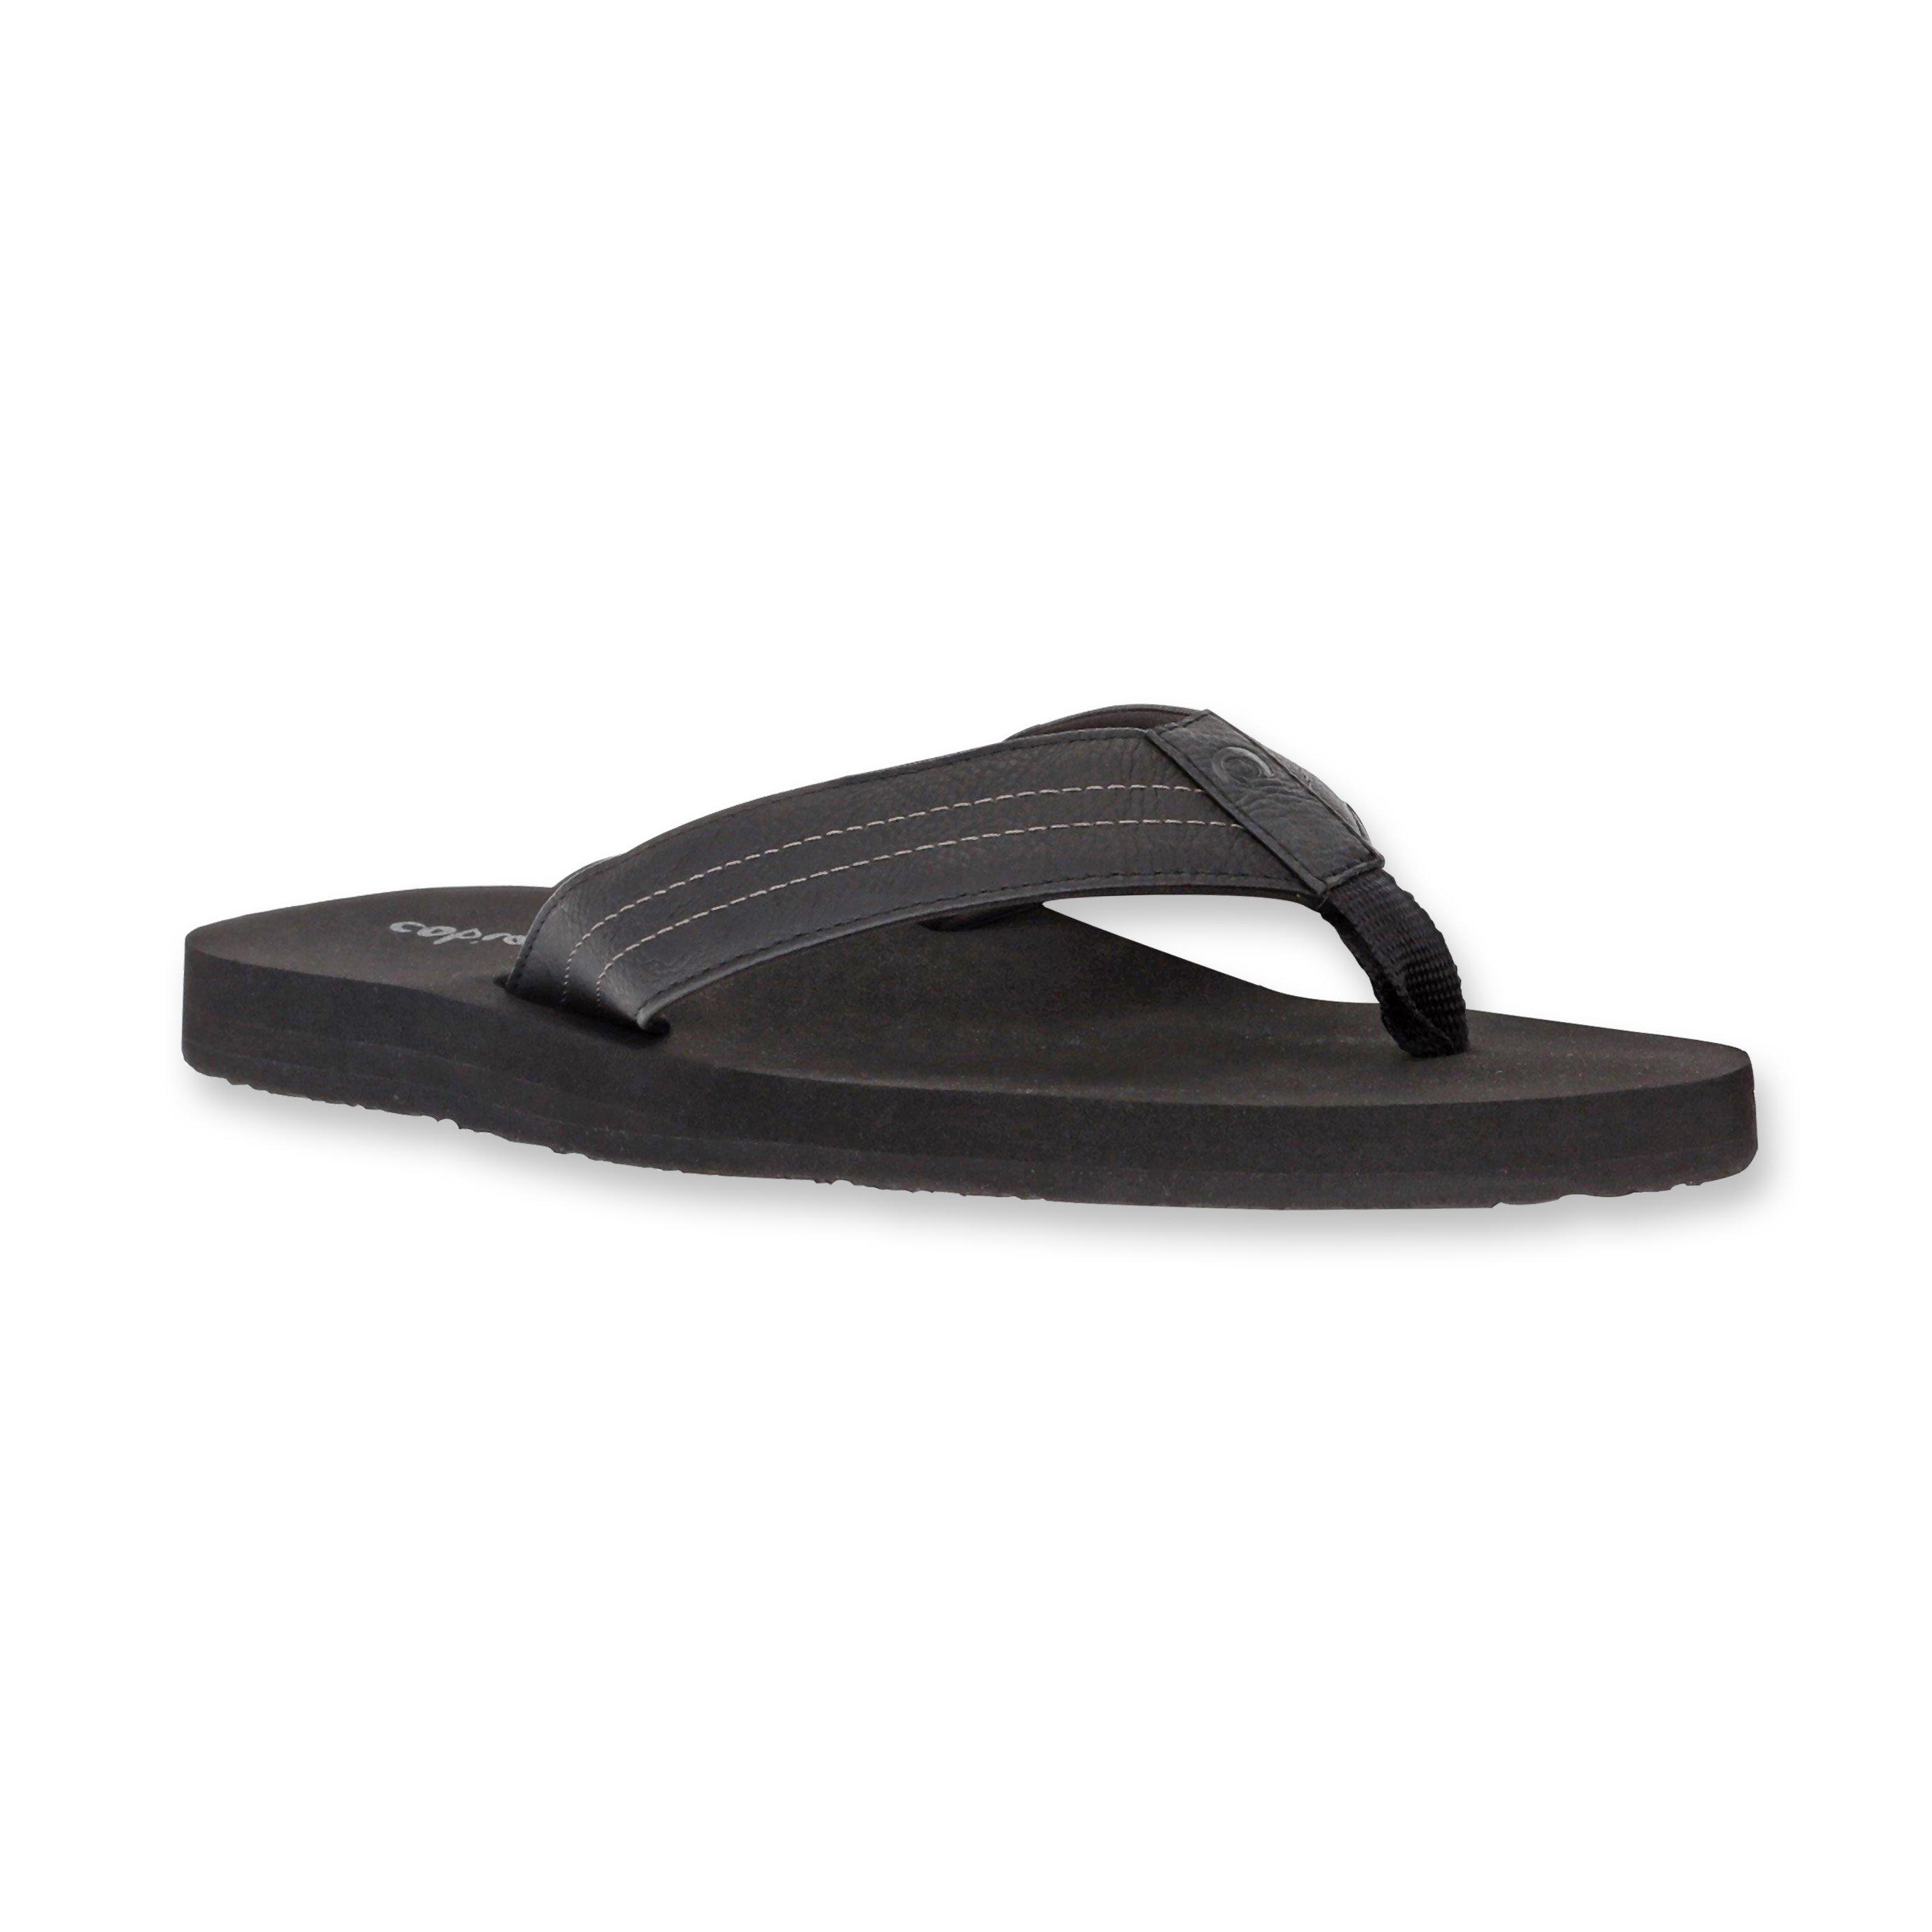 Cobian Costa - כפכף אצבע קוסטה שחור בעיצוב אופנתי